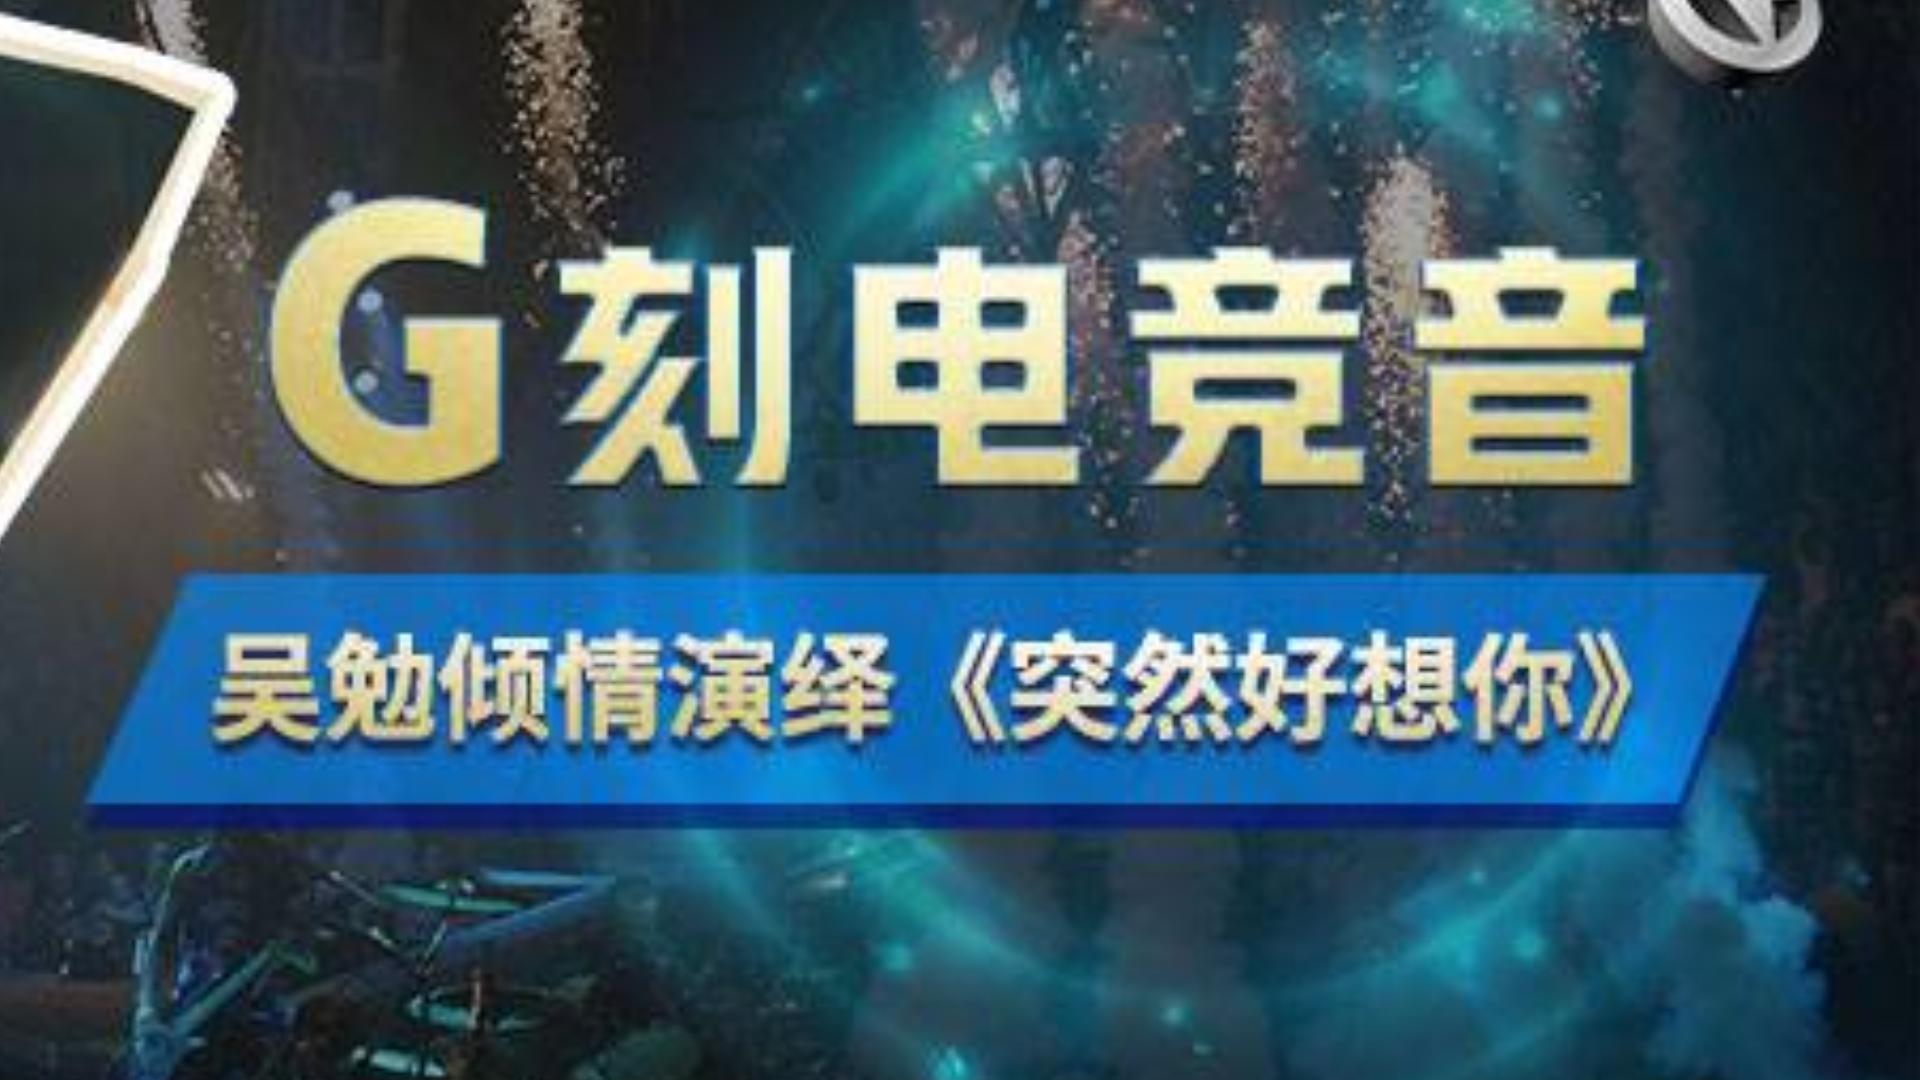 VG王者荣耀 G刻电竞音 吴勉倾情演绎《突然好想你》